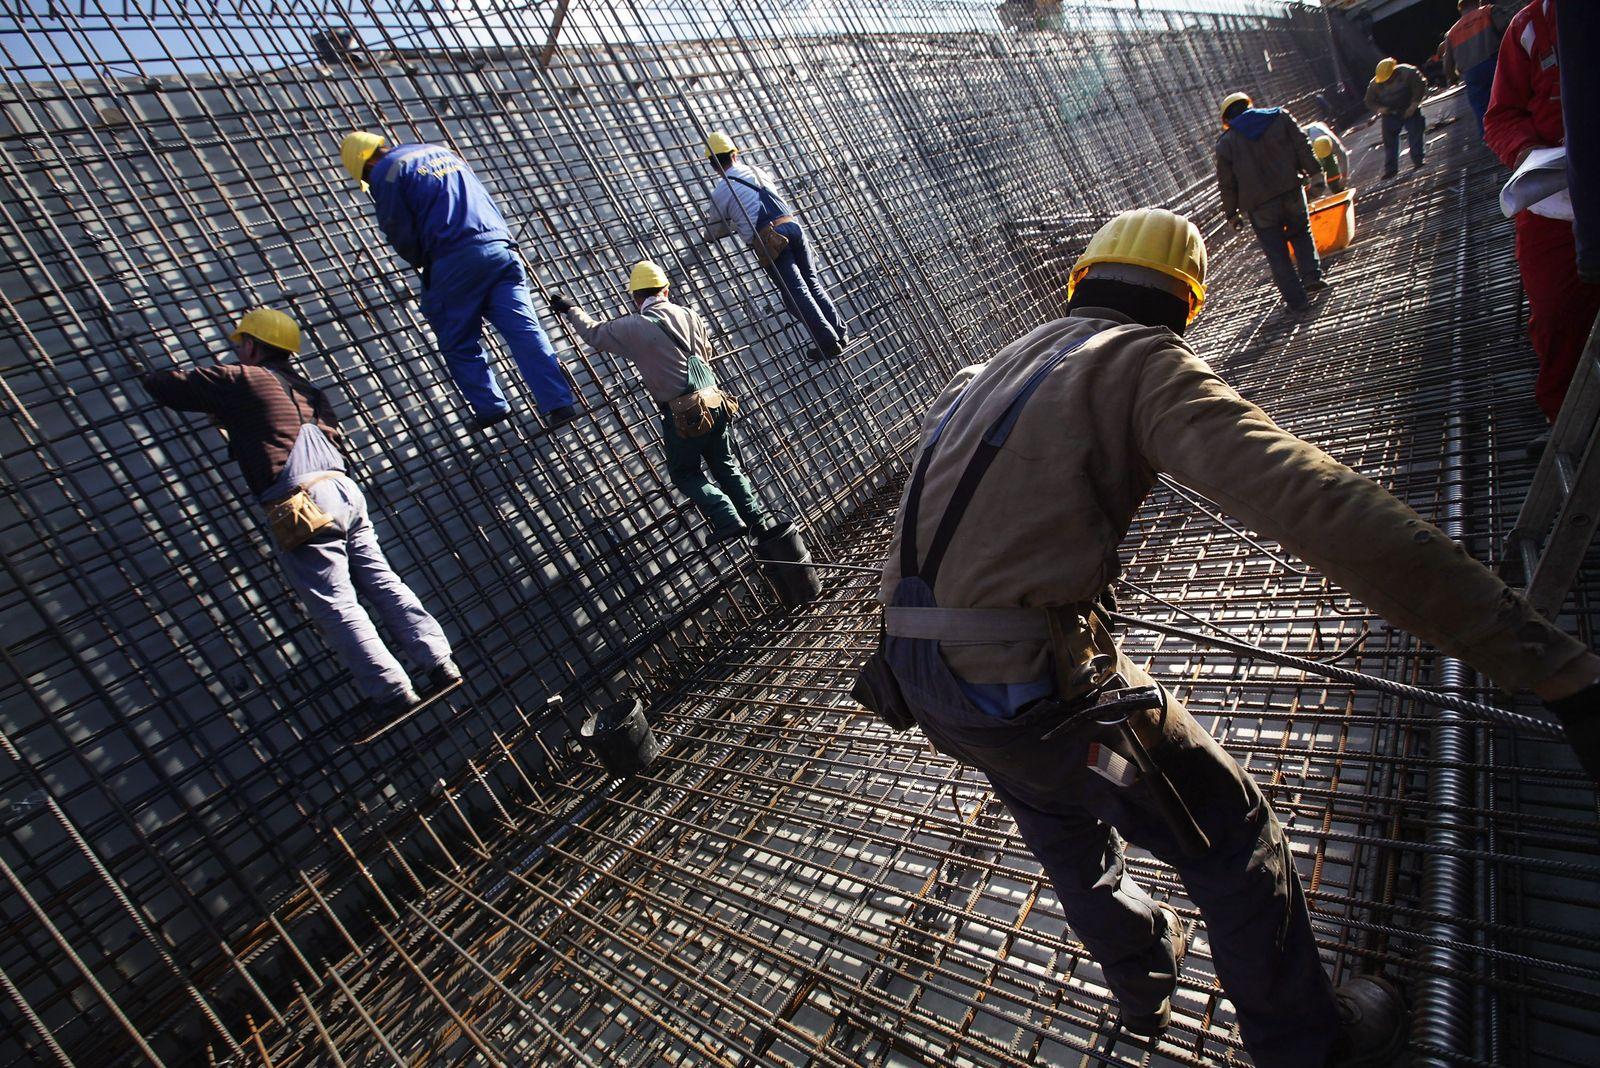 Deutschland / Konjunktur / Aufschwung / Wirtschaft / Fachkräfte / Baustelle / Bauarbeiter